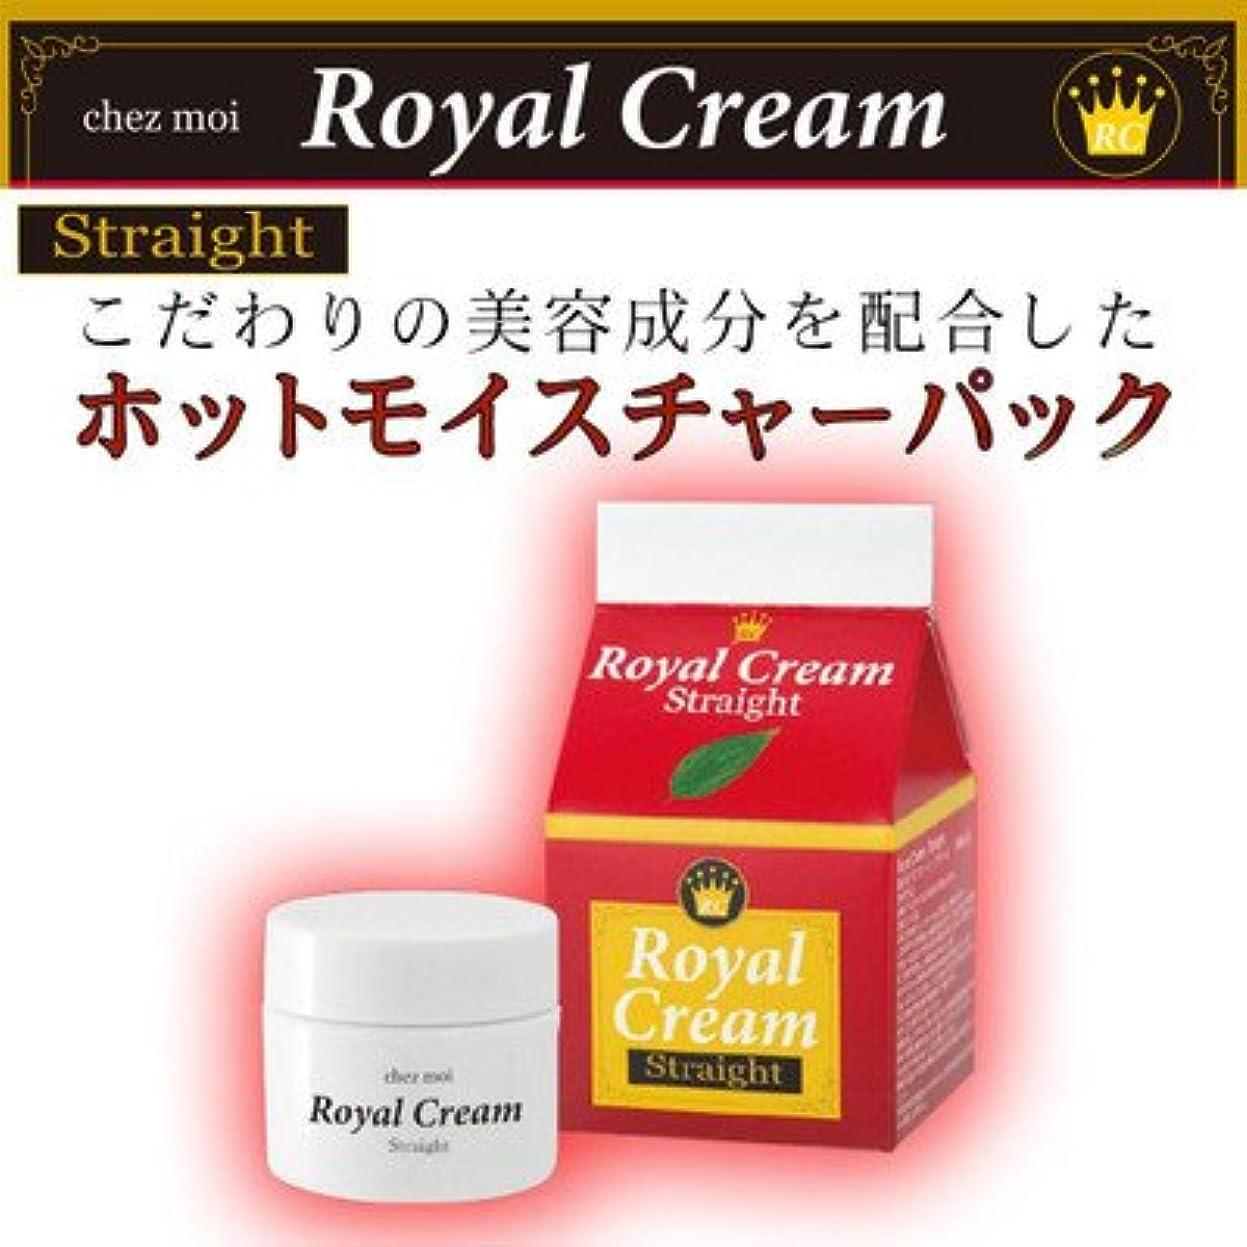 ワット記録バレエ99%以上植物由来美容成分配合の 温感保湿パック Royal Cream ロイヤルクリーム Straight ストレート モイスチャーパック 30g